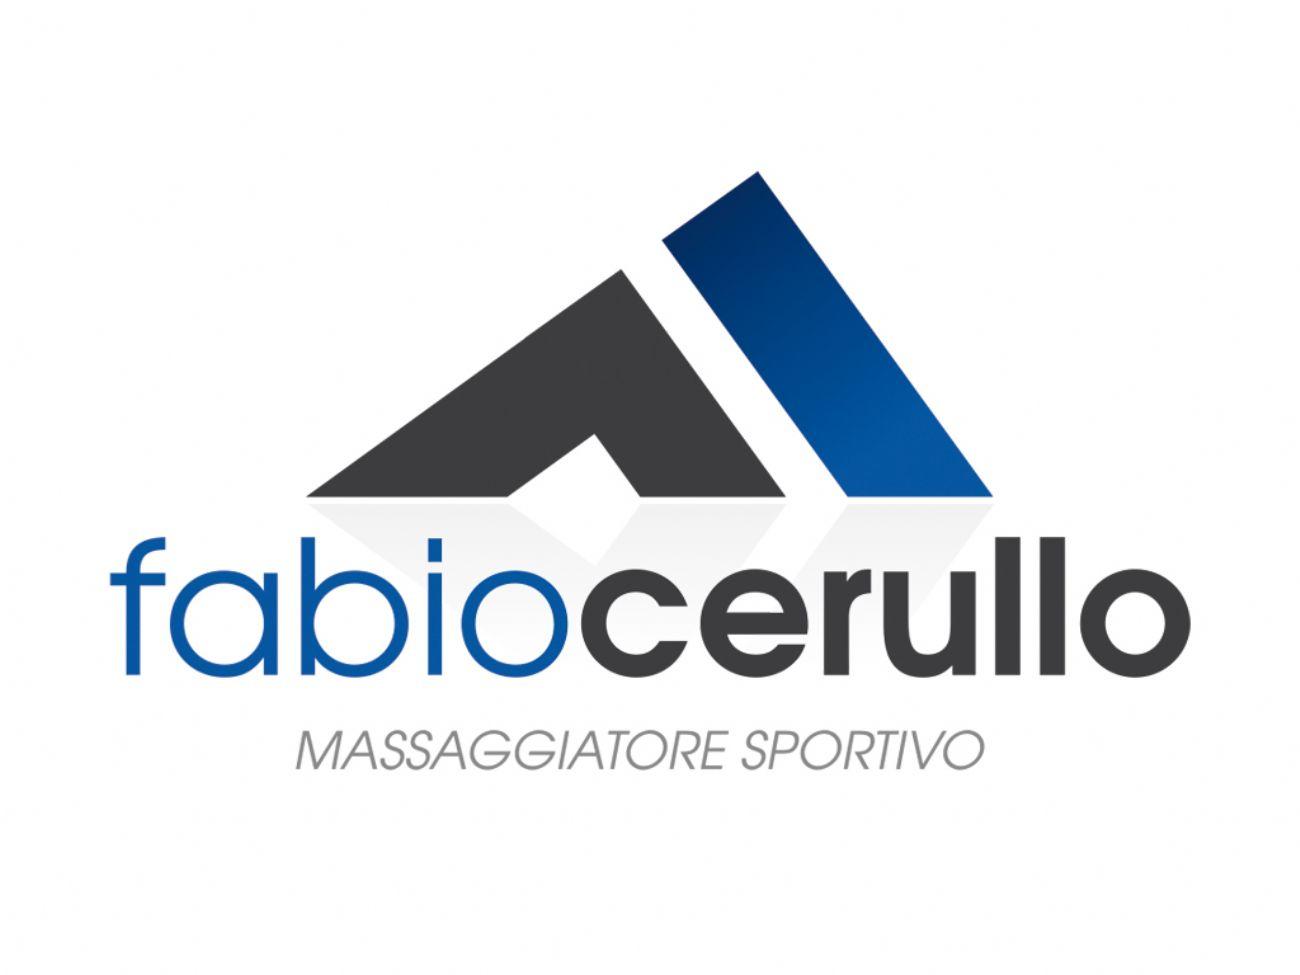 Logo massaggiatore sportivo